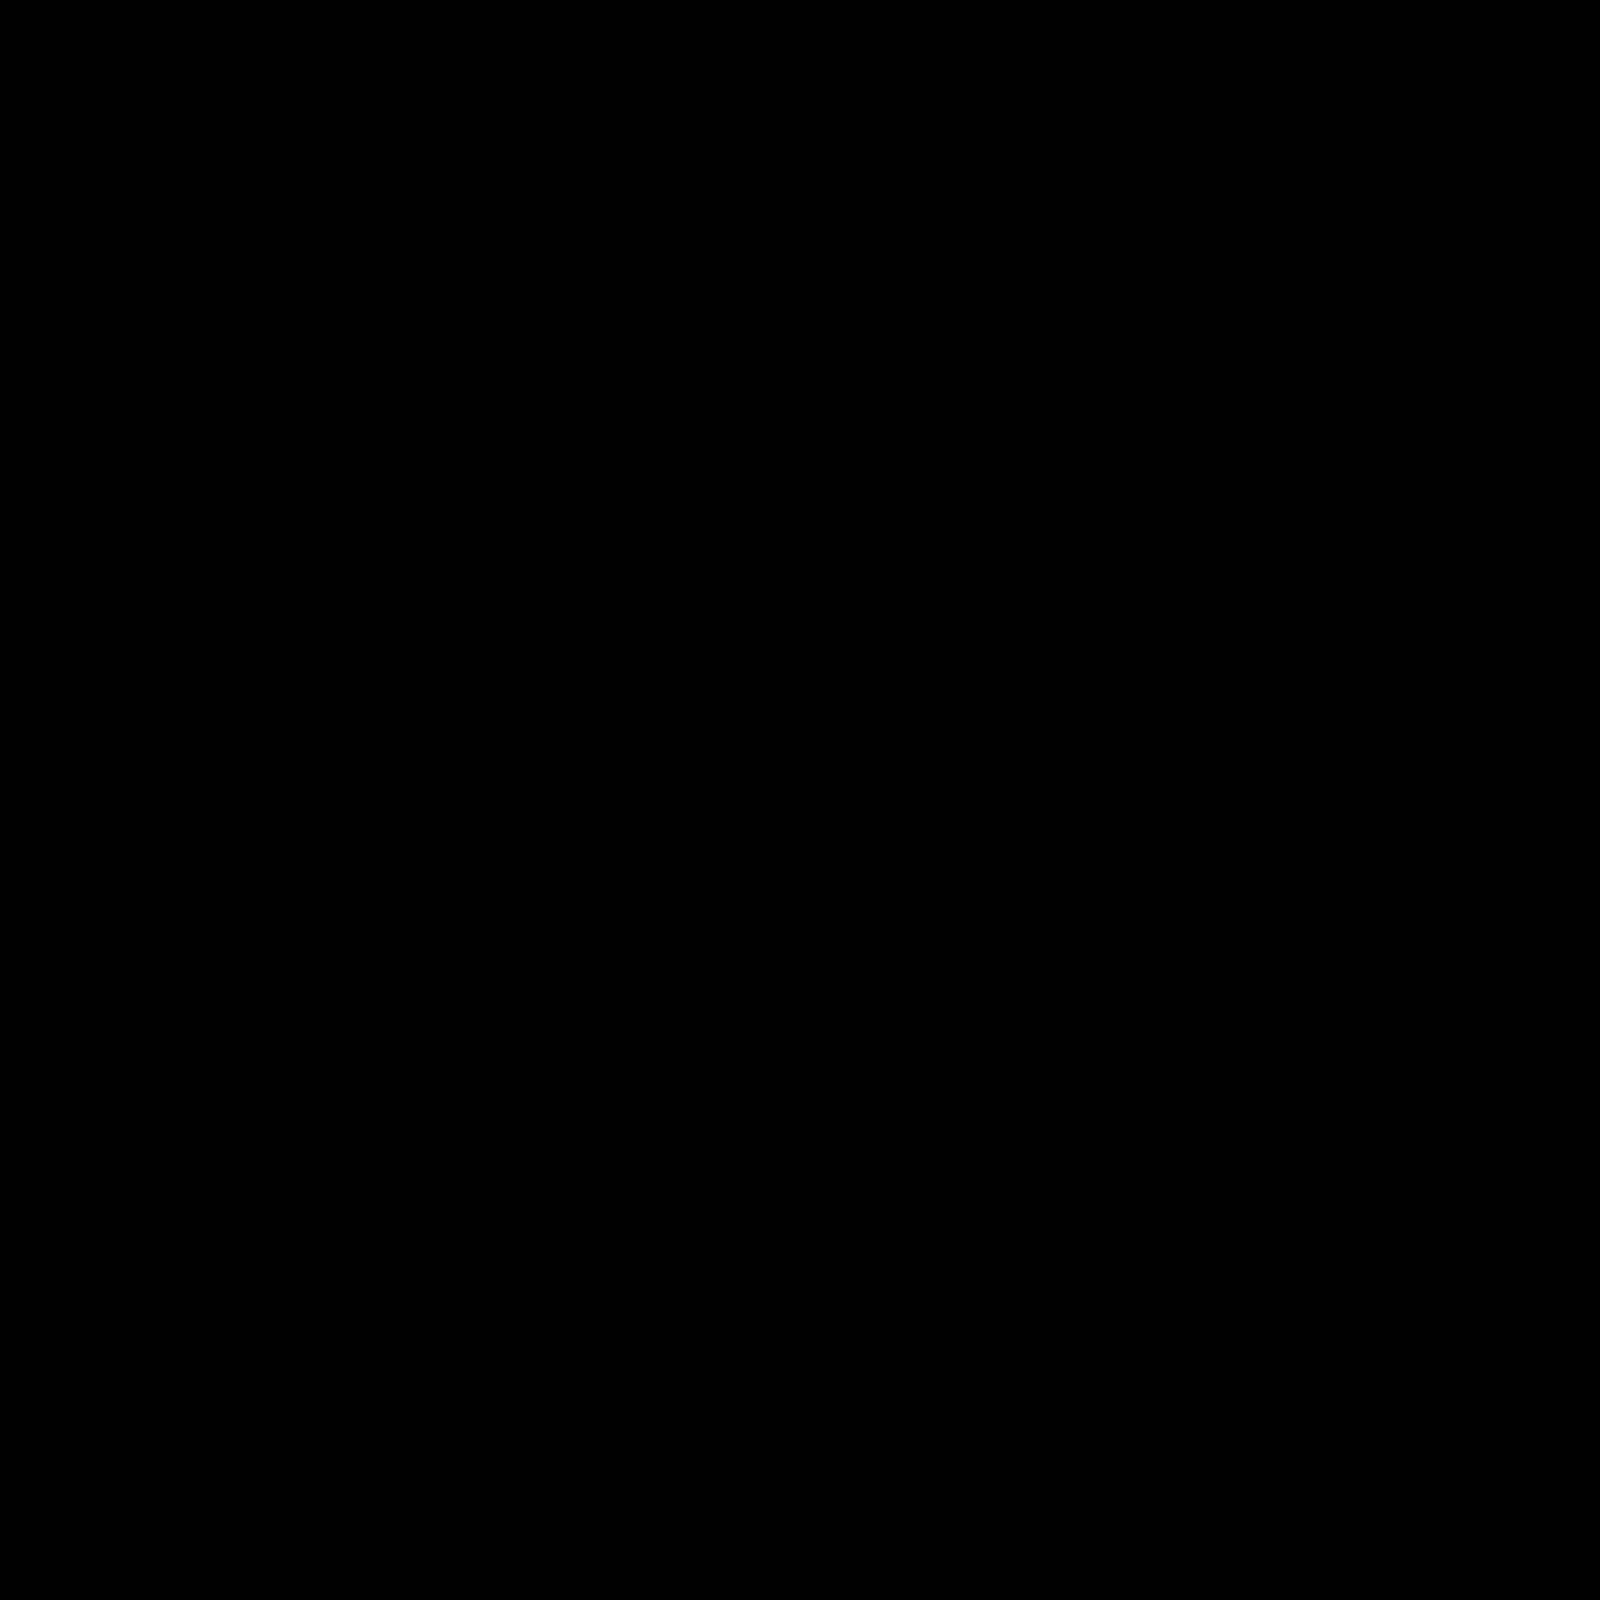 Person Female icon